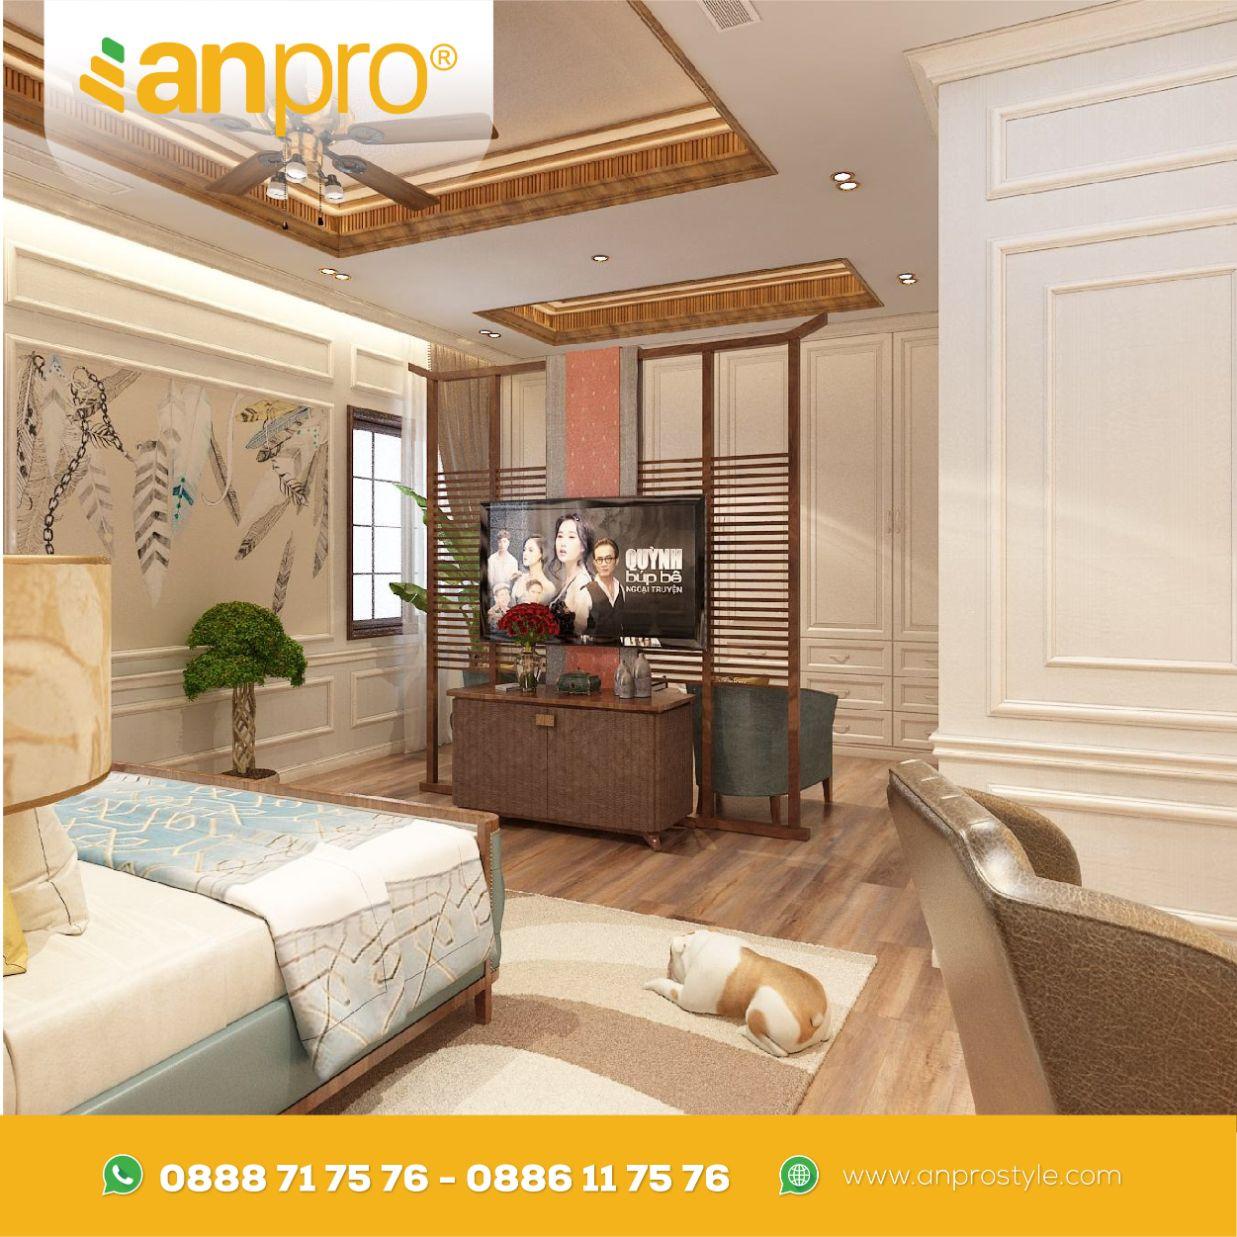 6 7 07 - Ấn tượng với thiết kế nội thất mang vẻ đẹp vượt thời gian